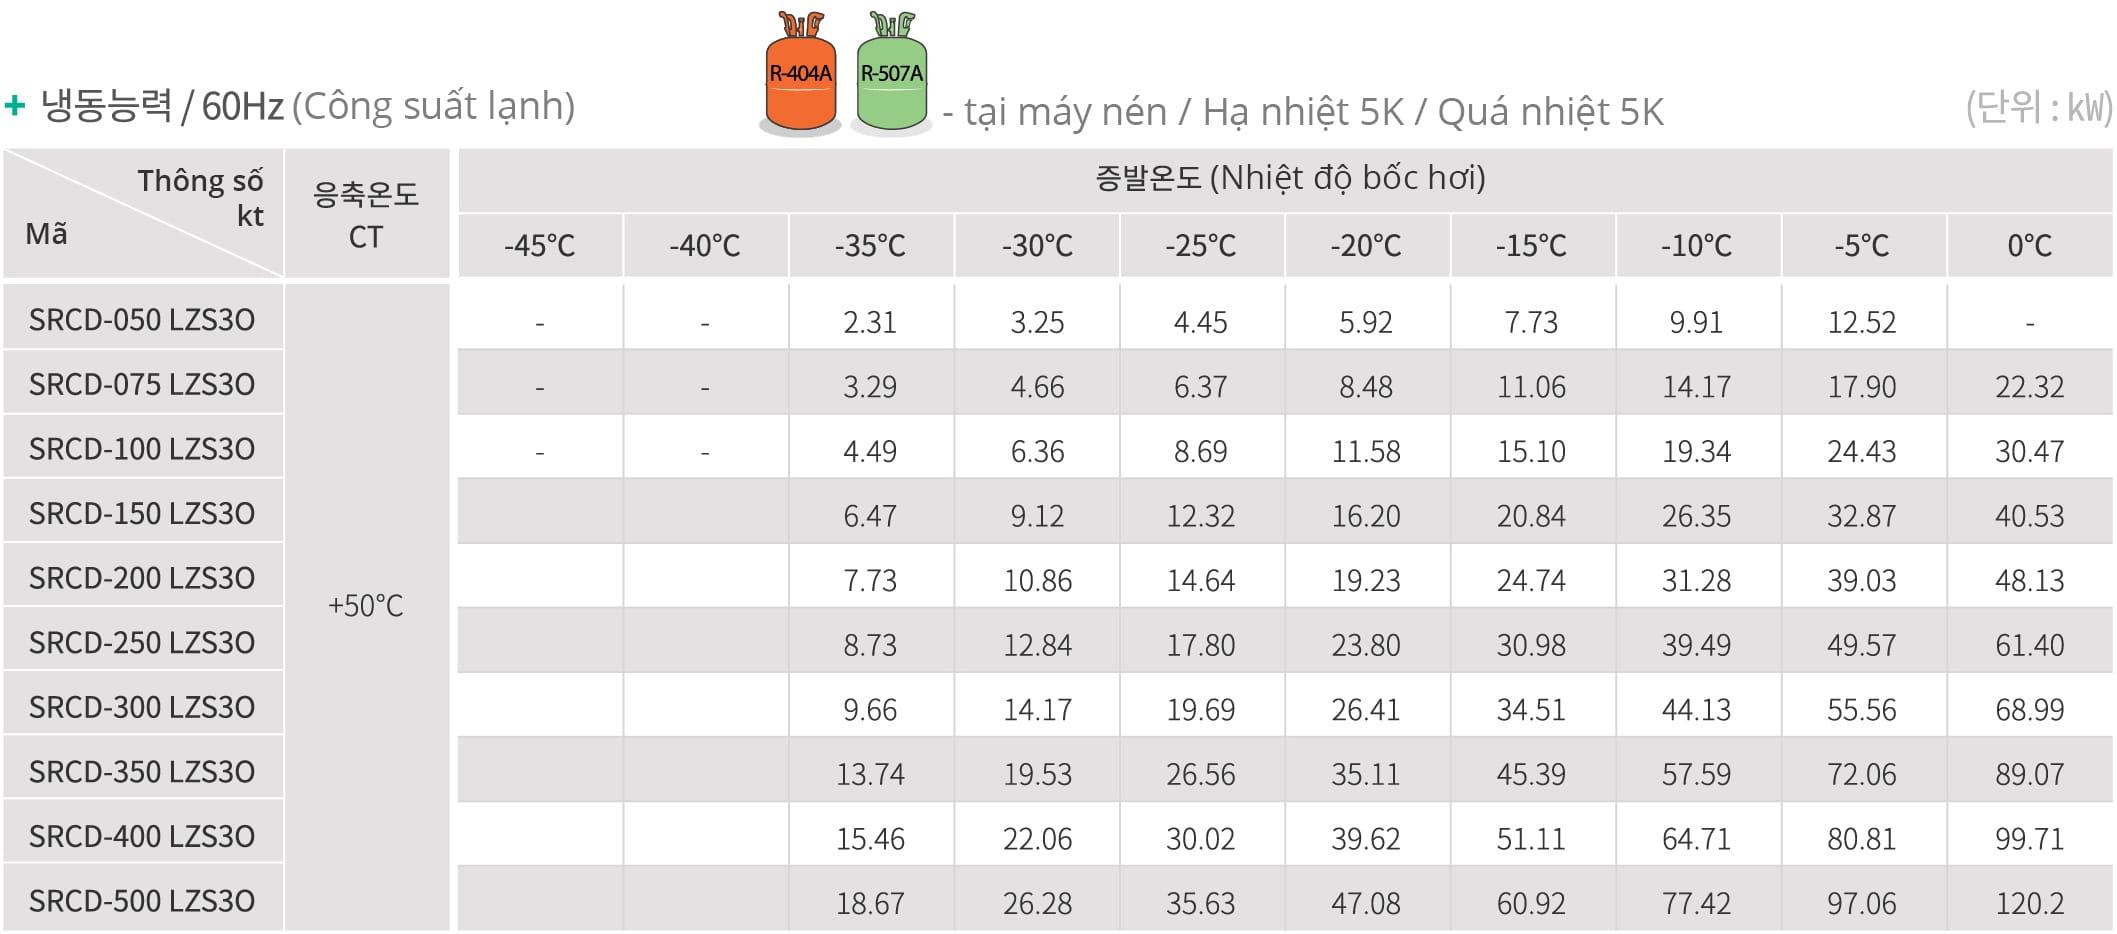 Chi tiết cụm máy nén dàn ngưng Sungjin SPHD một cấp sử dụng trong kho đông. Cụm máy nén dàn ngưng Sungjin SPHD, cụm máy nén dàn ngưng SPHD Sungjin Hàn Quốc